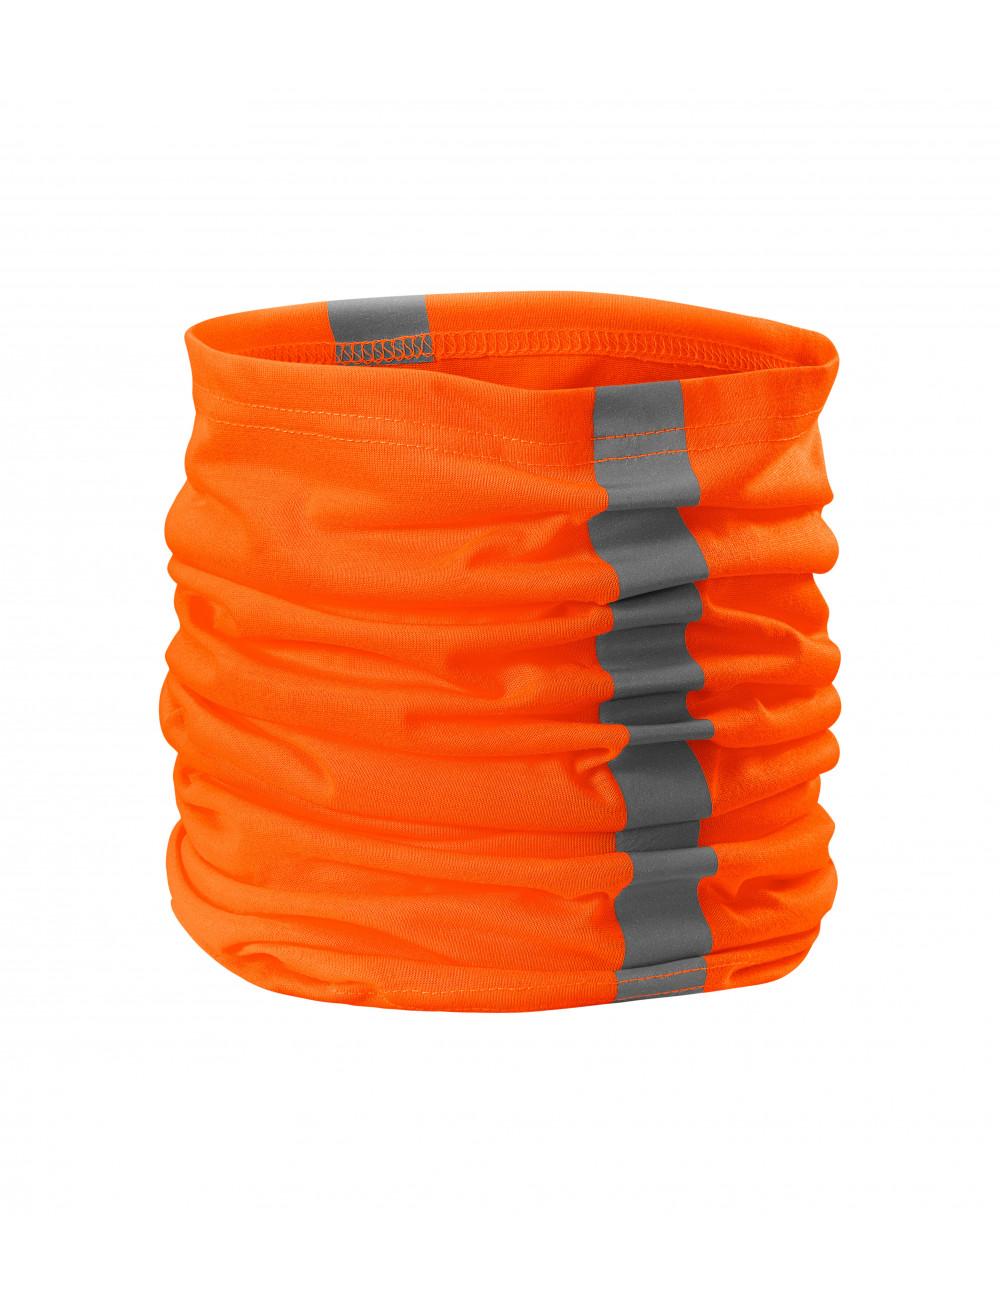 Adler RIMECK Chusta unisex HV Twister 3V8 odblaskowo pomarańczowy